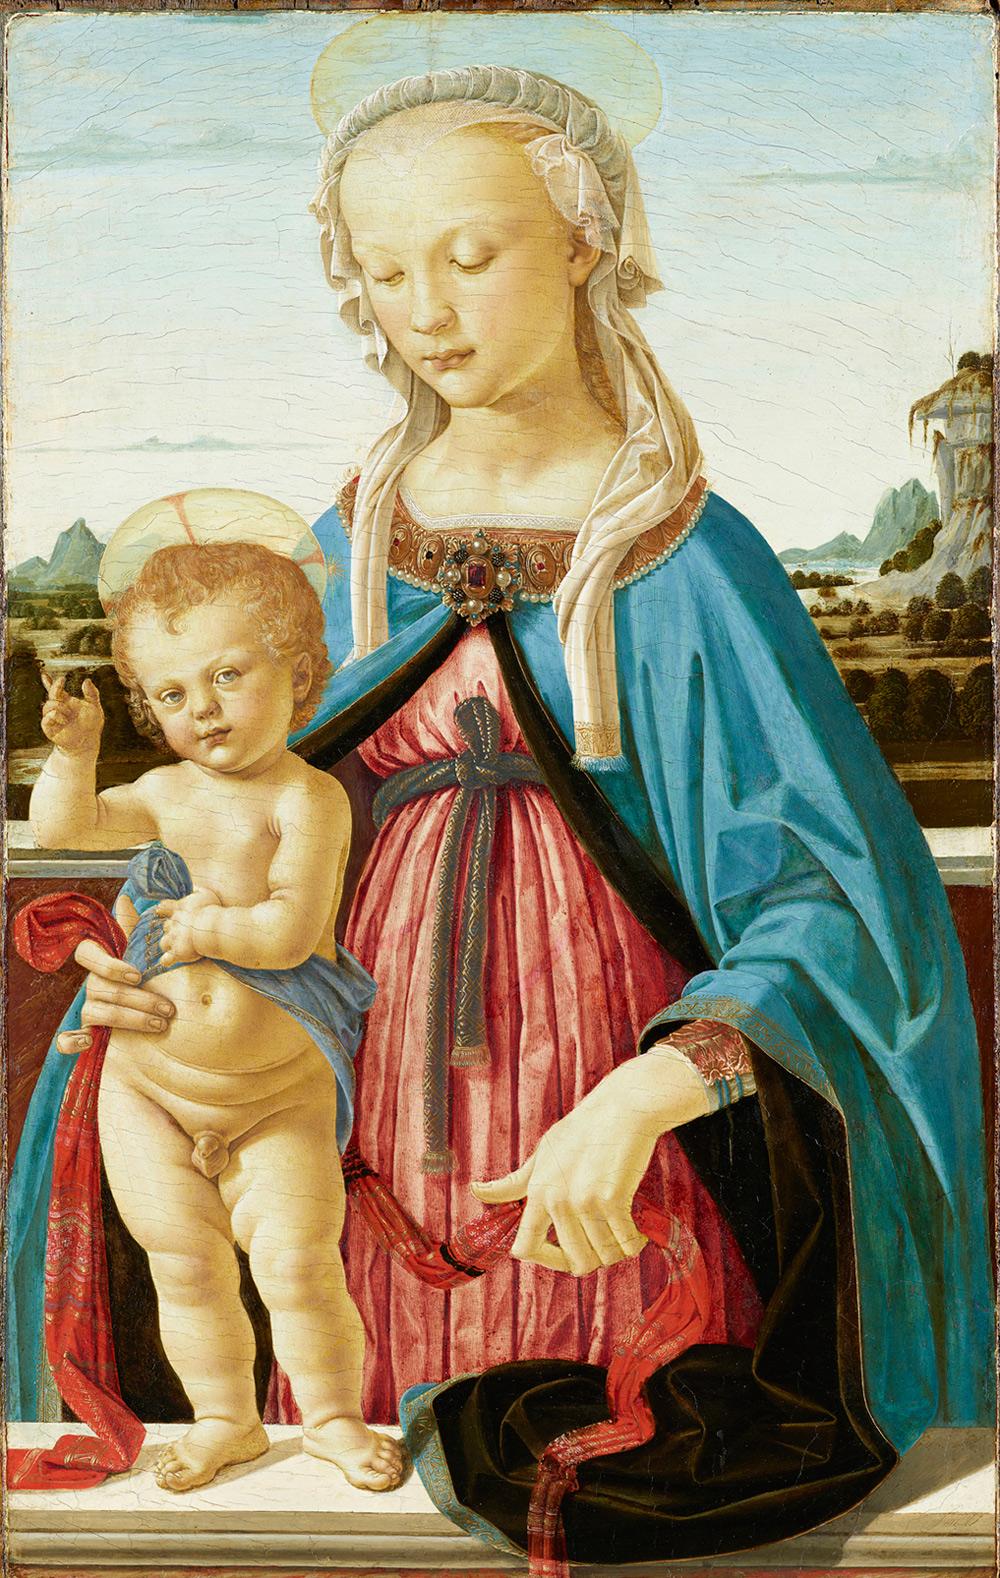 Andrea del Verrocchio, Madonna col Bambino (1470 circa; tempera su tavola, 75,8 x 47,9 cm; Berlino, Staatliche Museen zu Berlin, Gemäldegalerie, inv. 10)